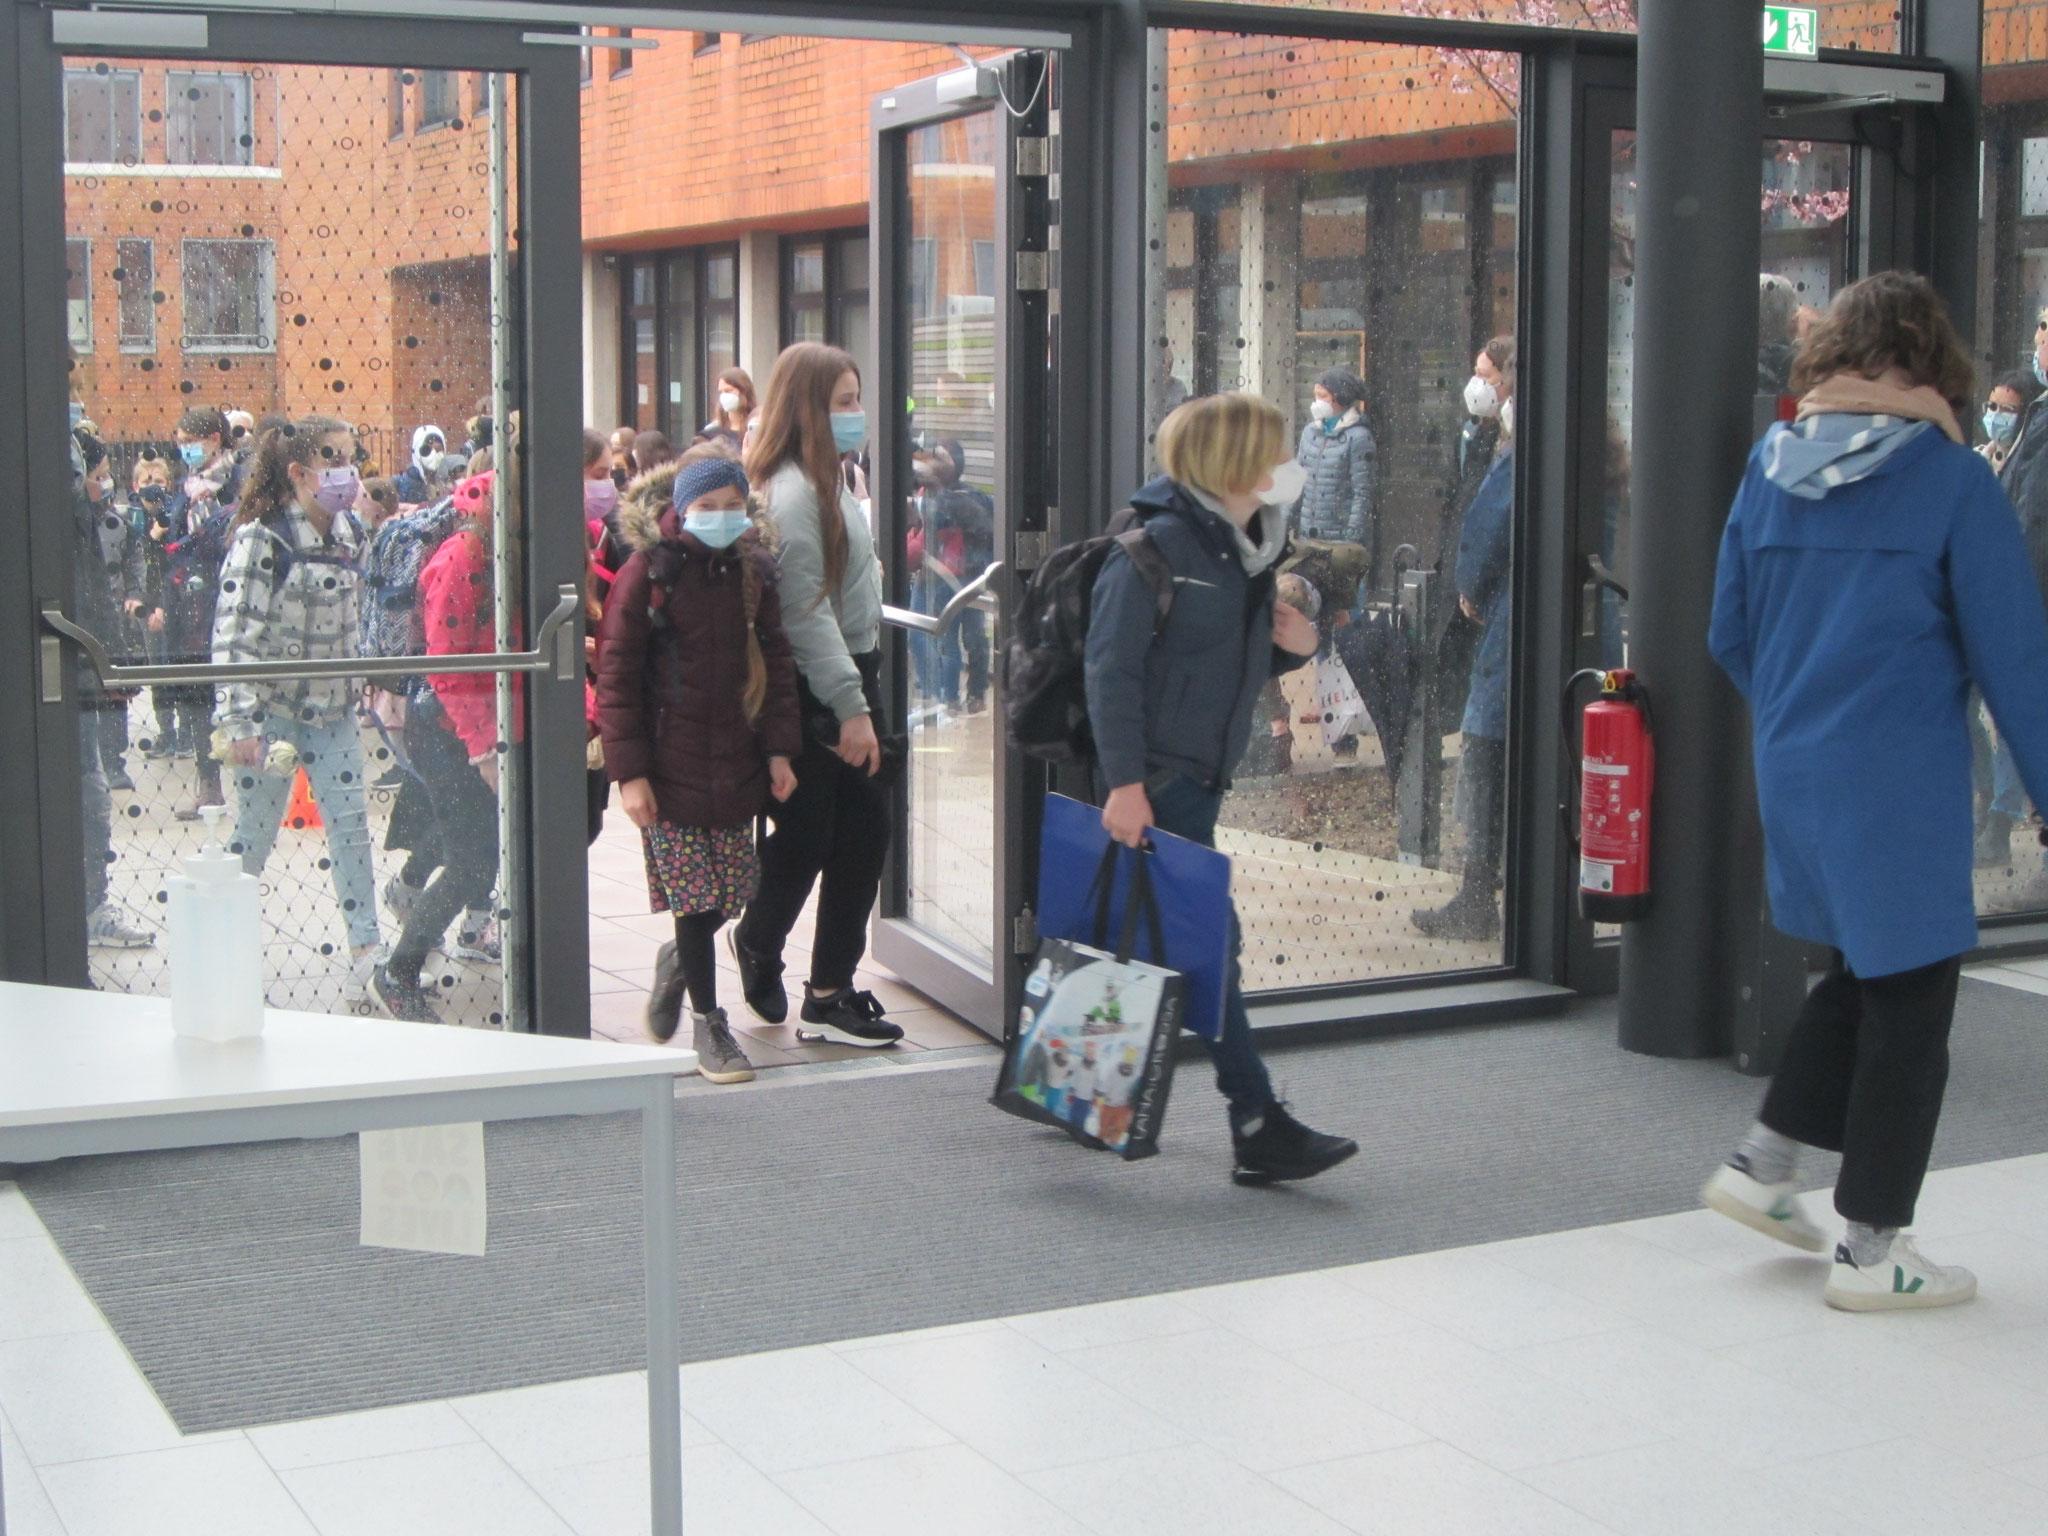 Spannend: Mit großen Augen betreten Lehrer und Schüler das moderne Foyer.